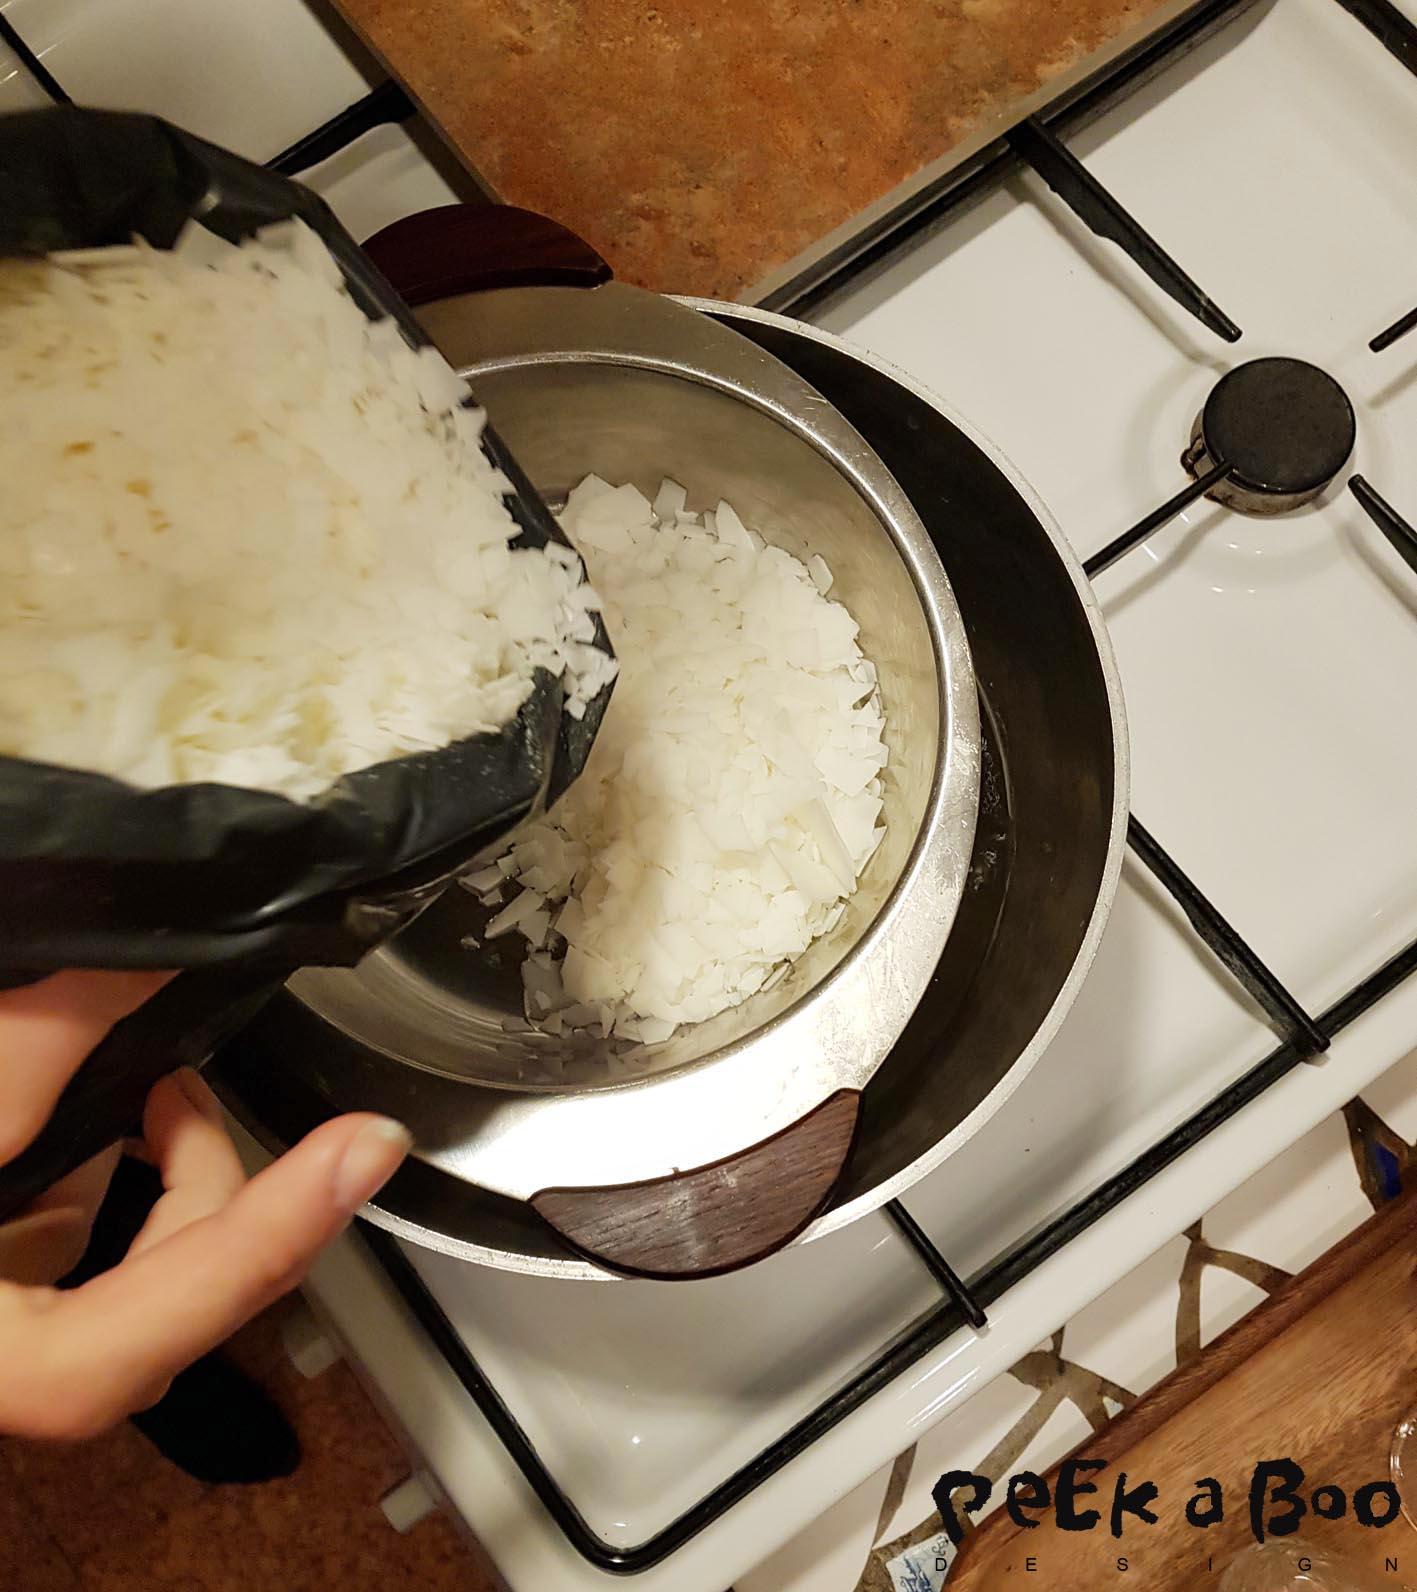 heat the soyawax so it melts